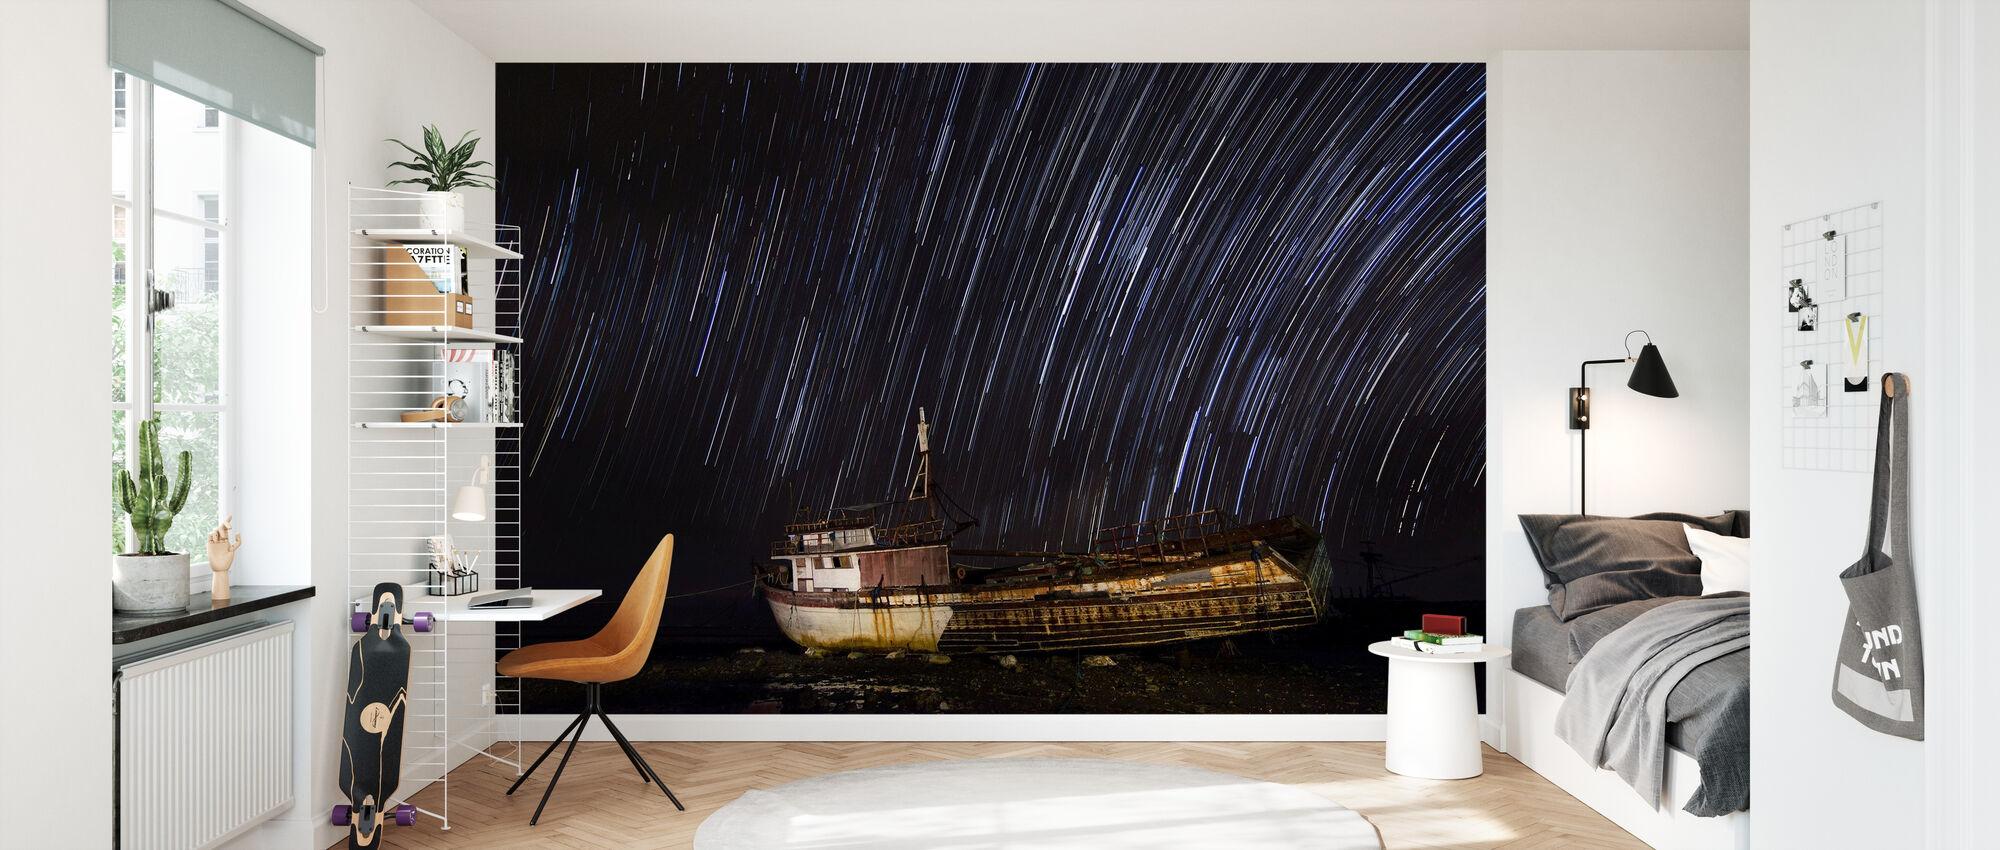 Santa Cruz Star Trail - Wallpaper - Kids Room